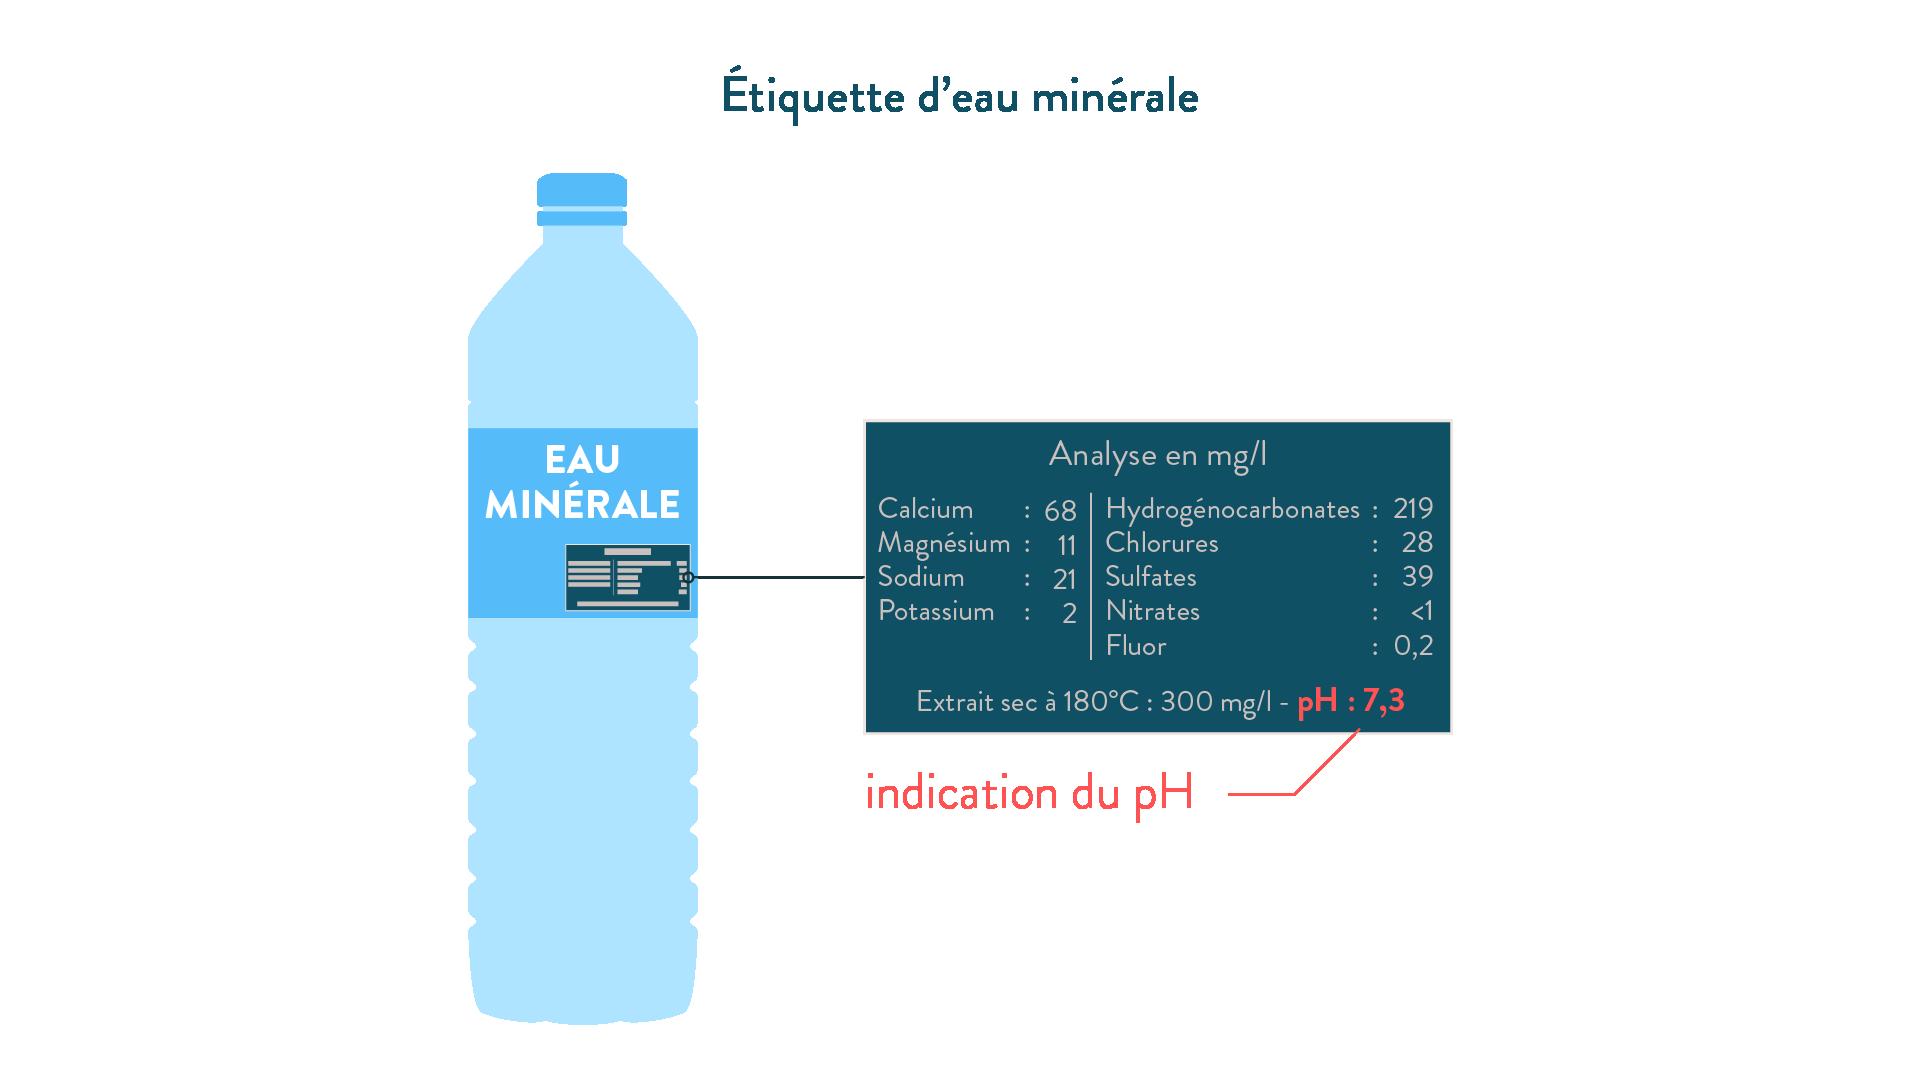 Étiquette d'eau minérale